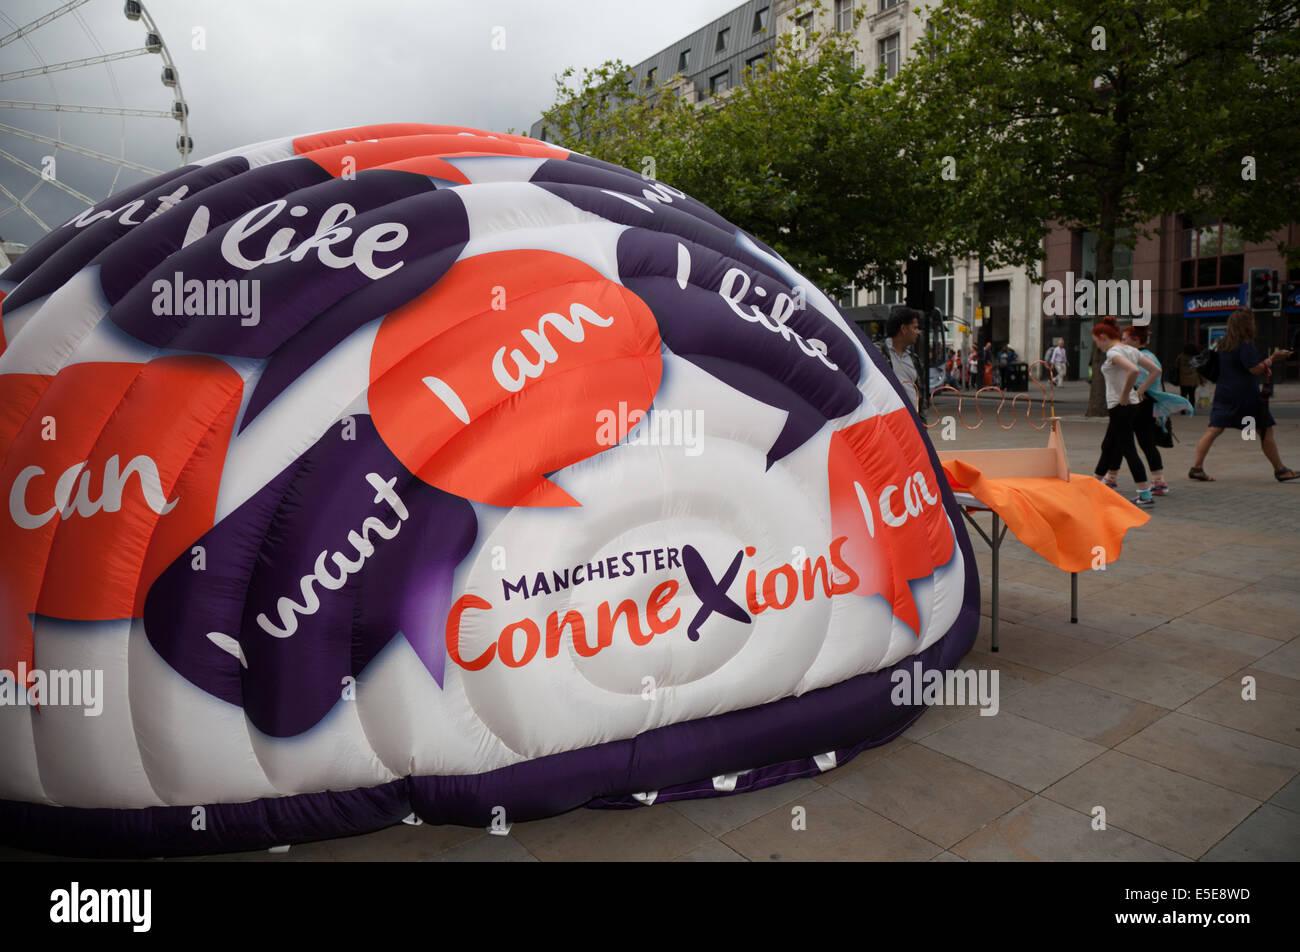 Connexions Marken-Logo marketing-Kampagne mit gewölbten Hüpfburg in Manchester City Centre. Stockbild